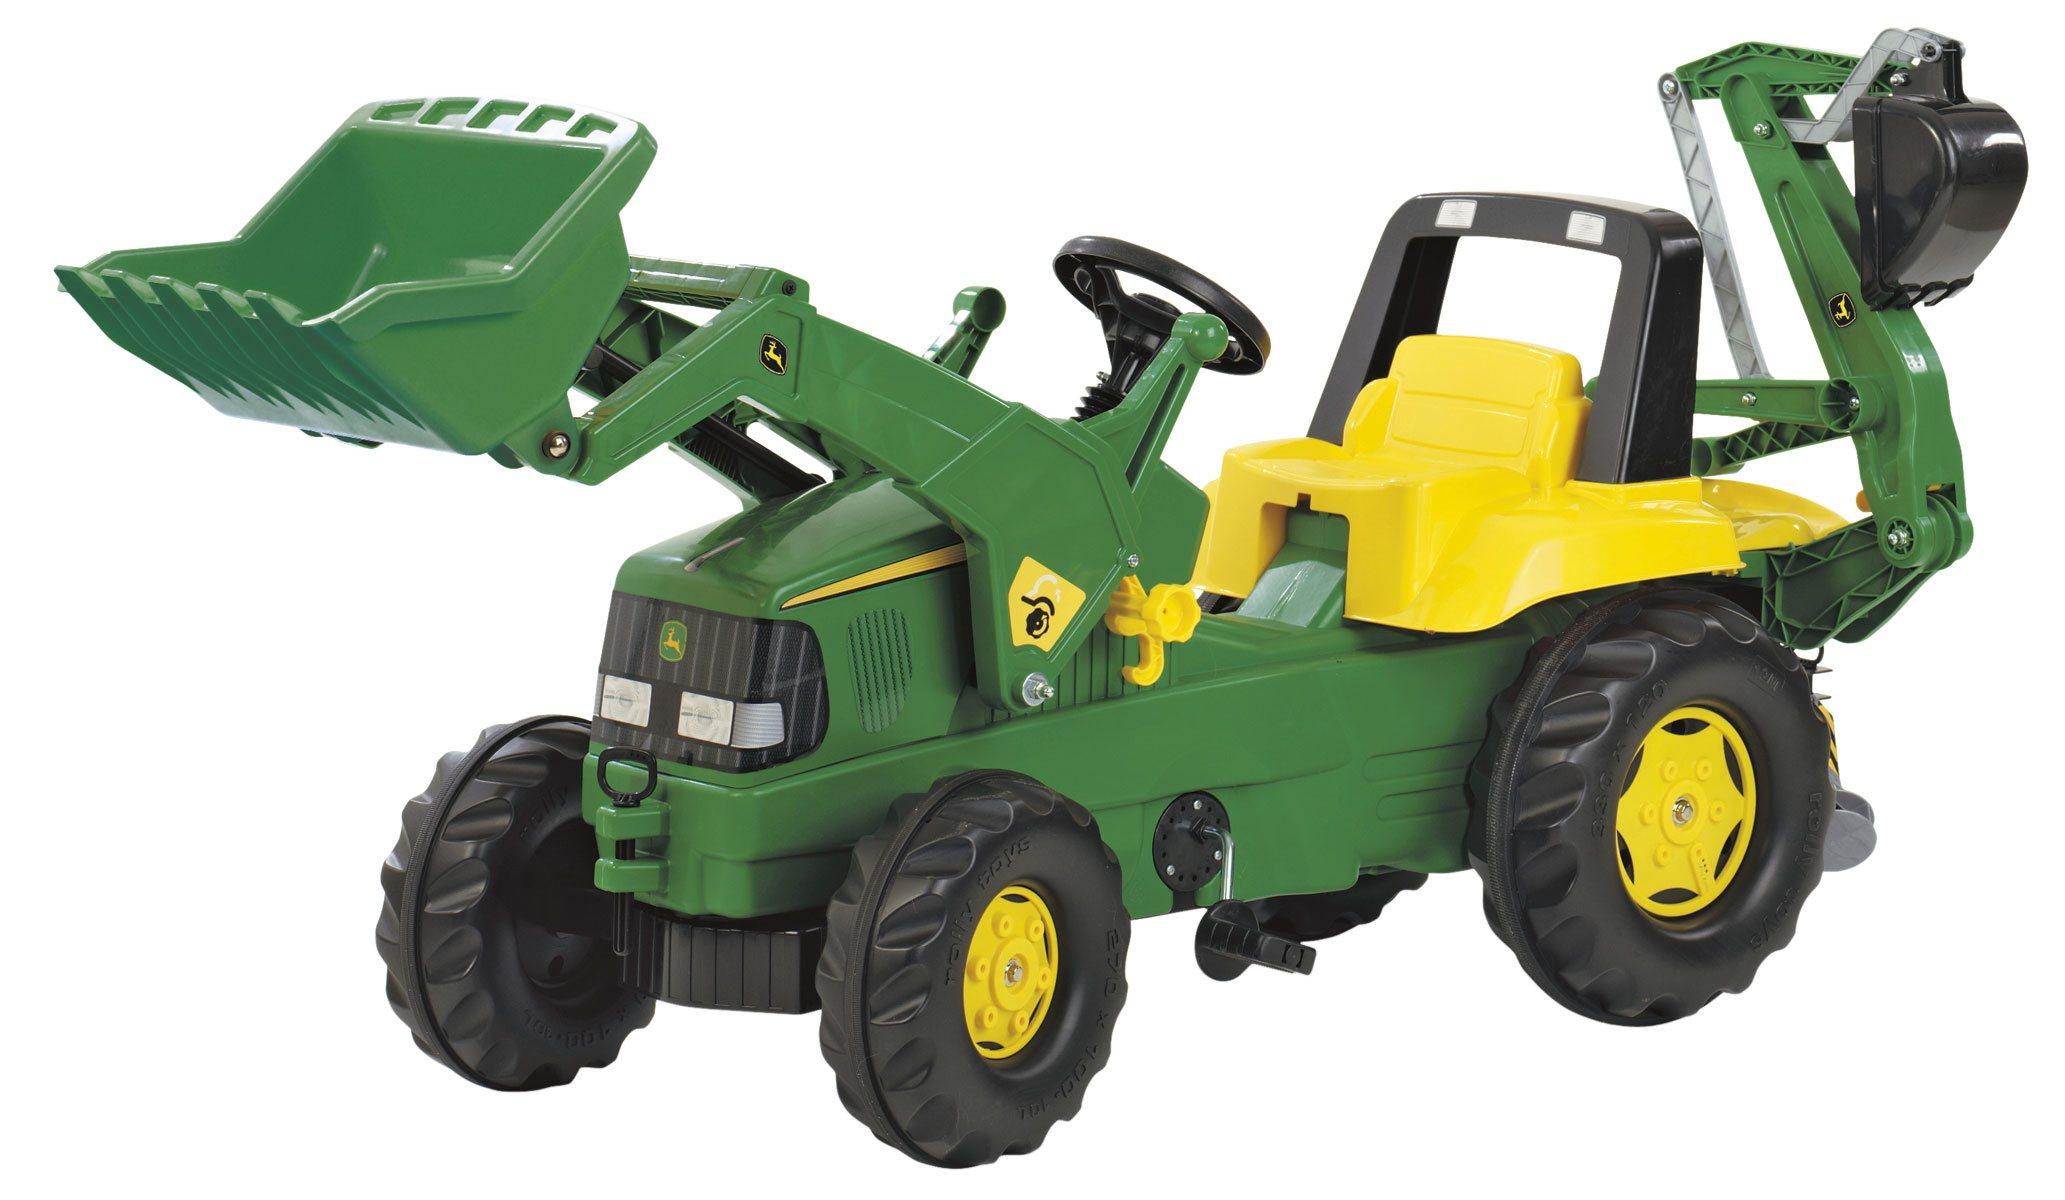 Pala Con Deere Excavadora Y Tractor Delantera John Retroexcavadora PZkXuiTO